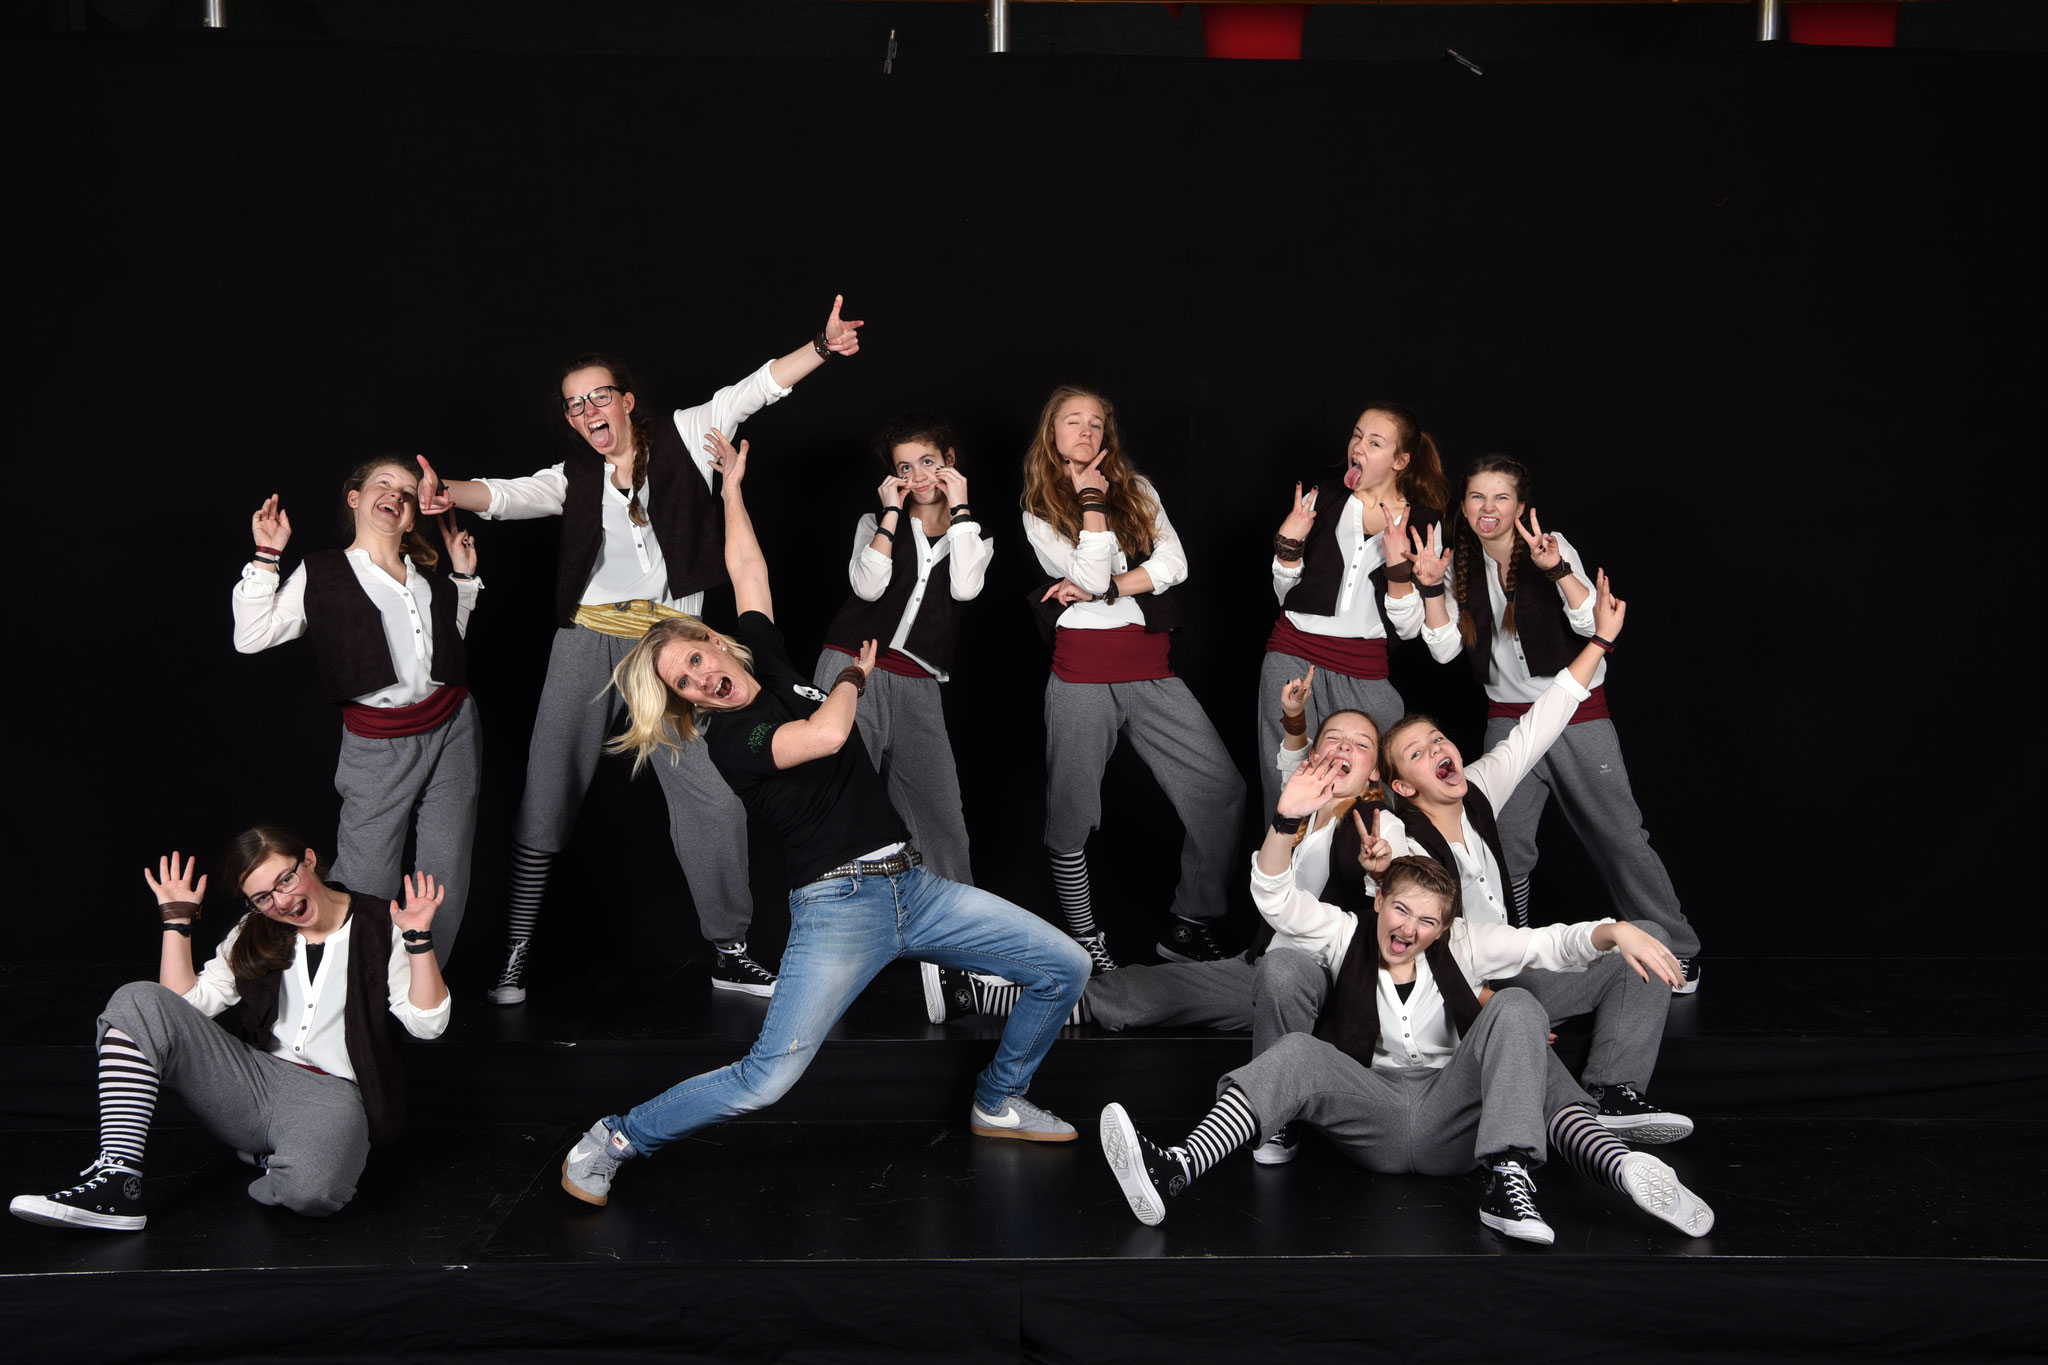 Sieger Kategorie 7.-9. Kl.: Black Soul / Oberstufenschule Aeschi-Krattigen